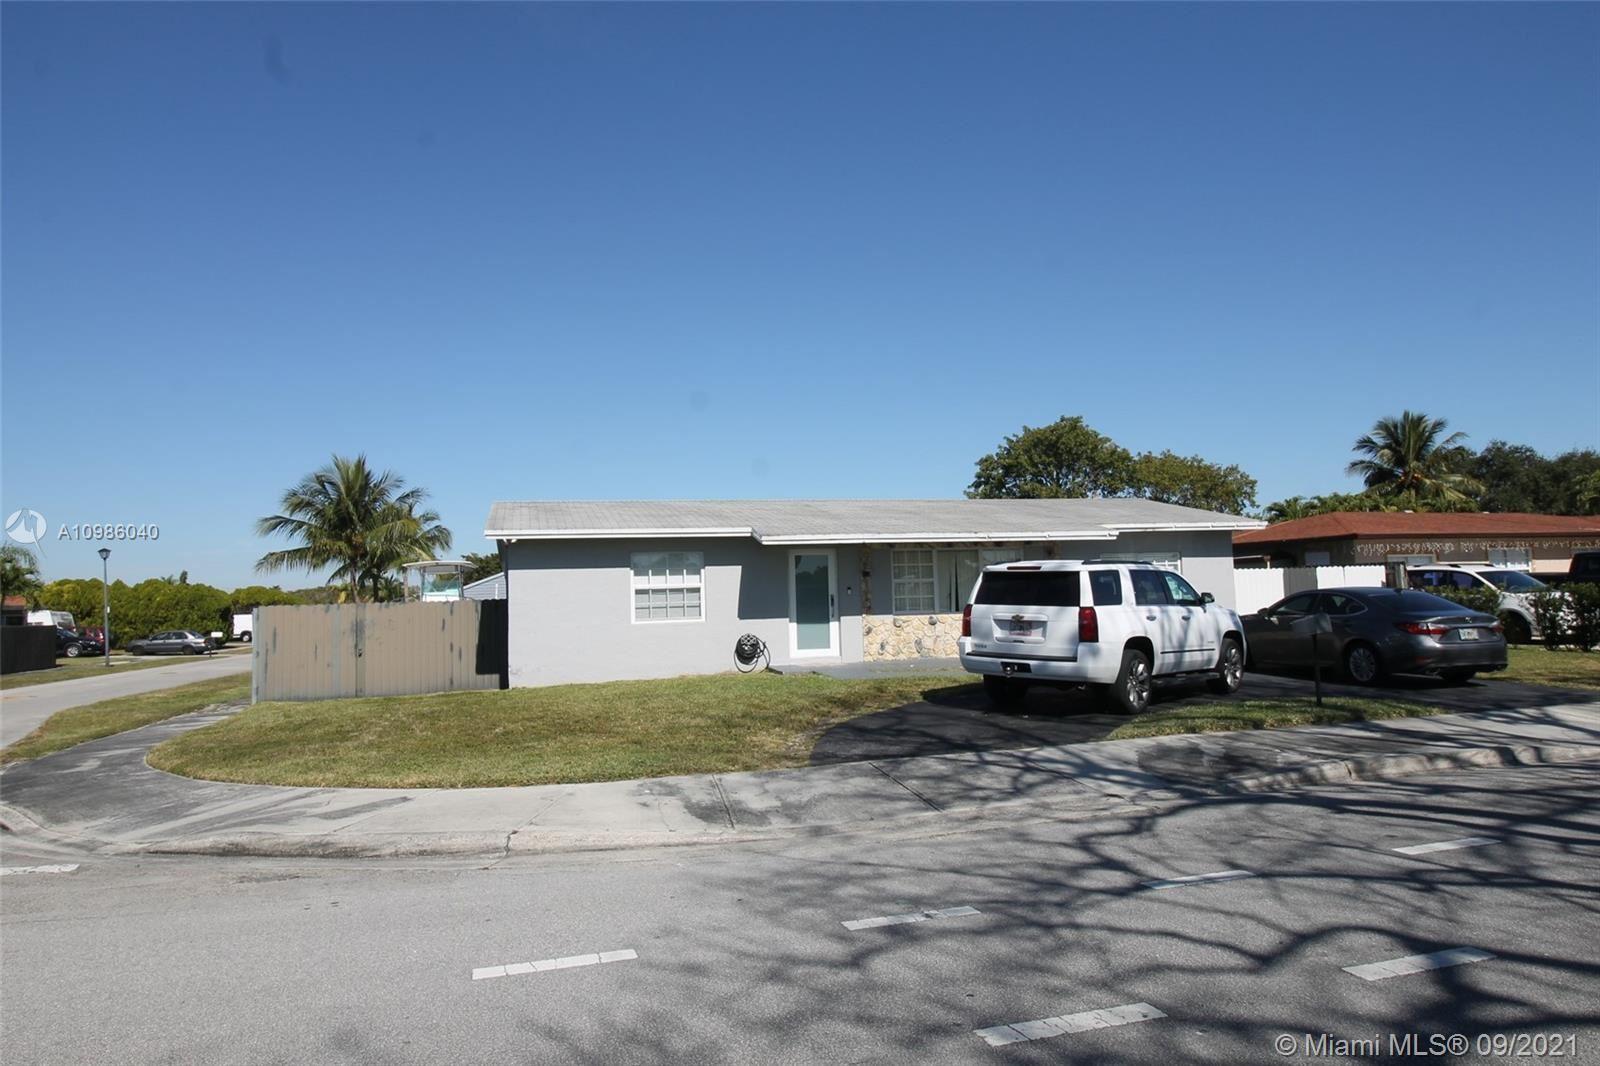 13461 SW 68th St, Miami, FL 33183 - #: A10986040